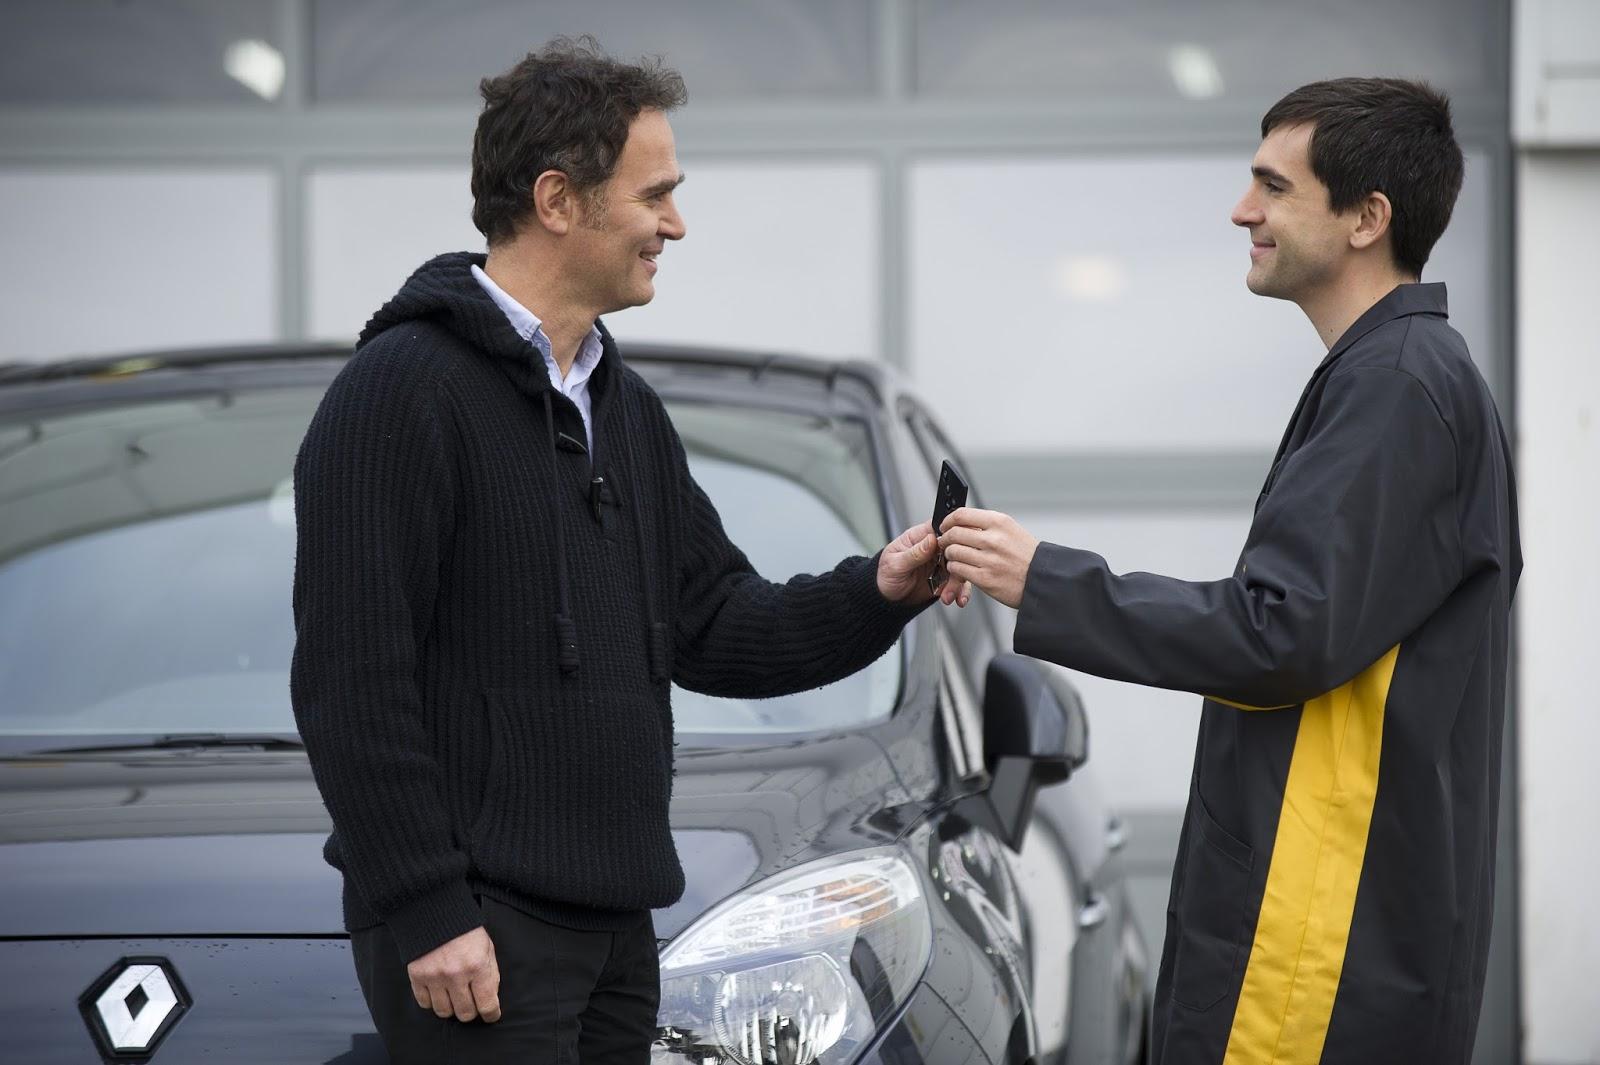 00031152 Όλοι οι κάτοχοι Renault 5 ετών και άνω μπορούν να το ελέγξουν εντελώς δωρεάν